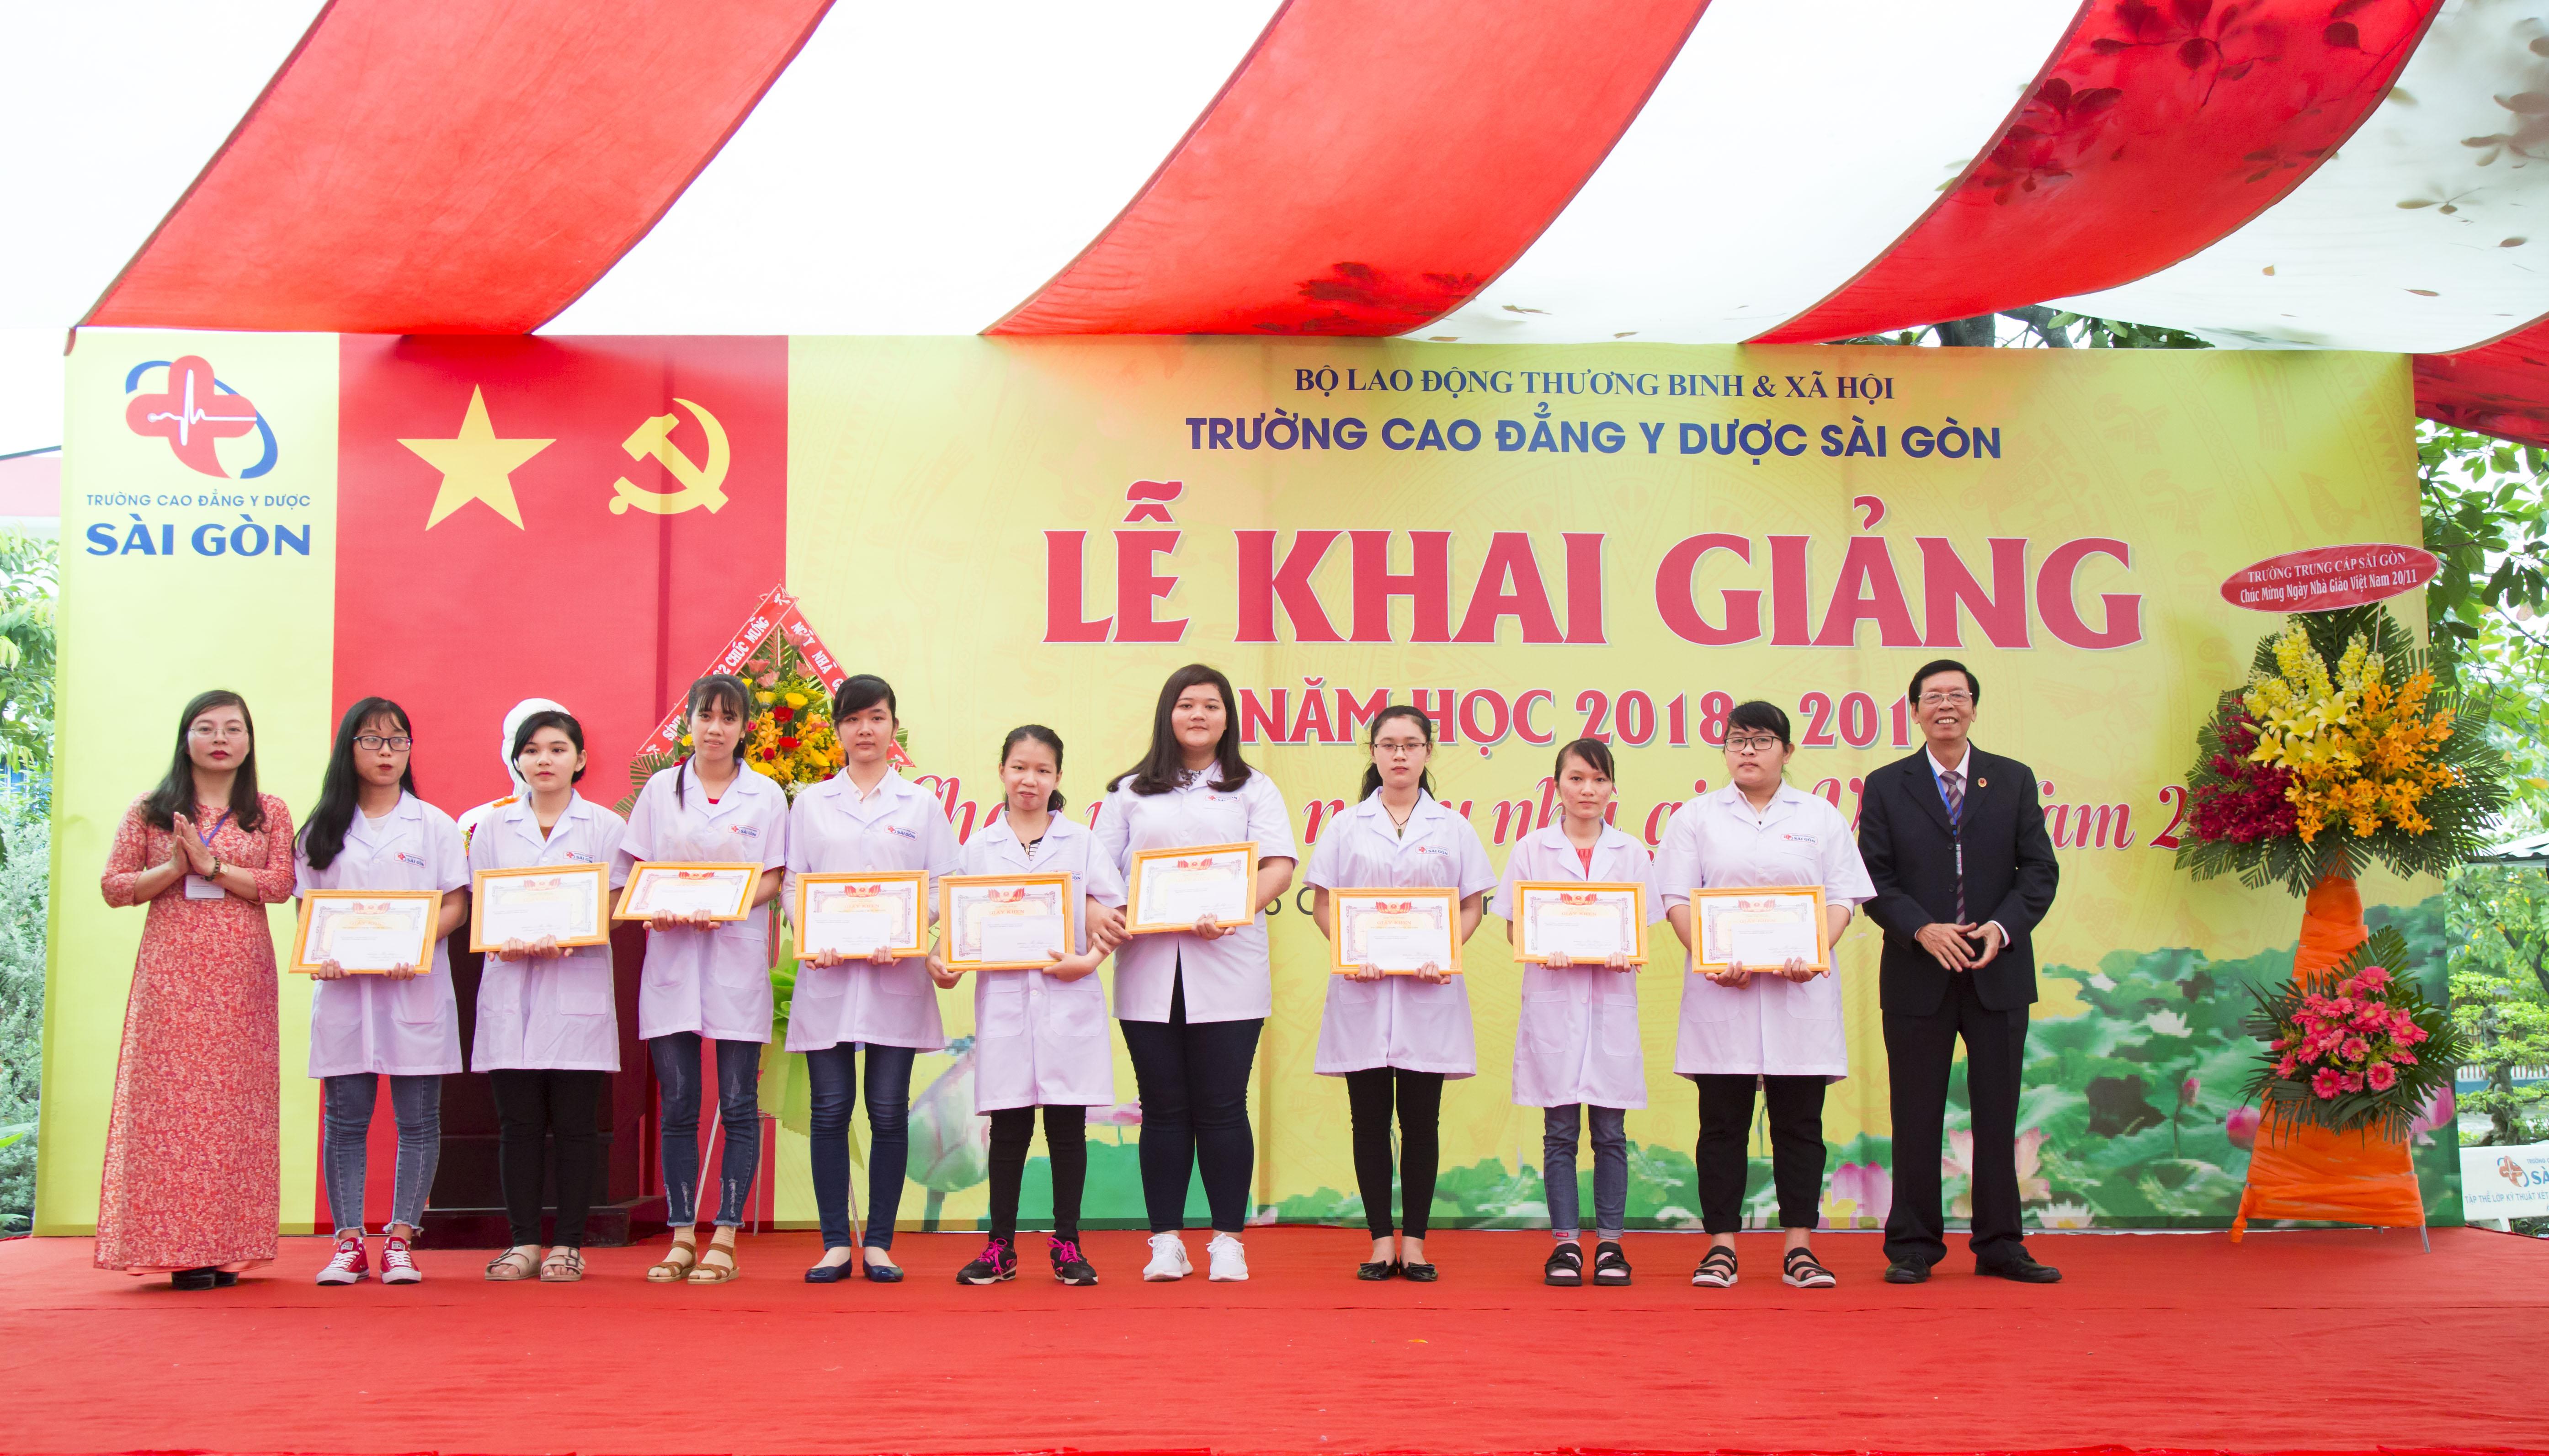 Thầy trò trường Cao đẳng Y Dược Sài Gòn trong lễ khai giảng năm học mới